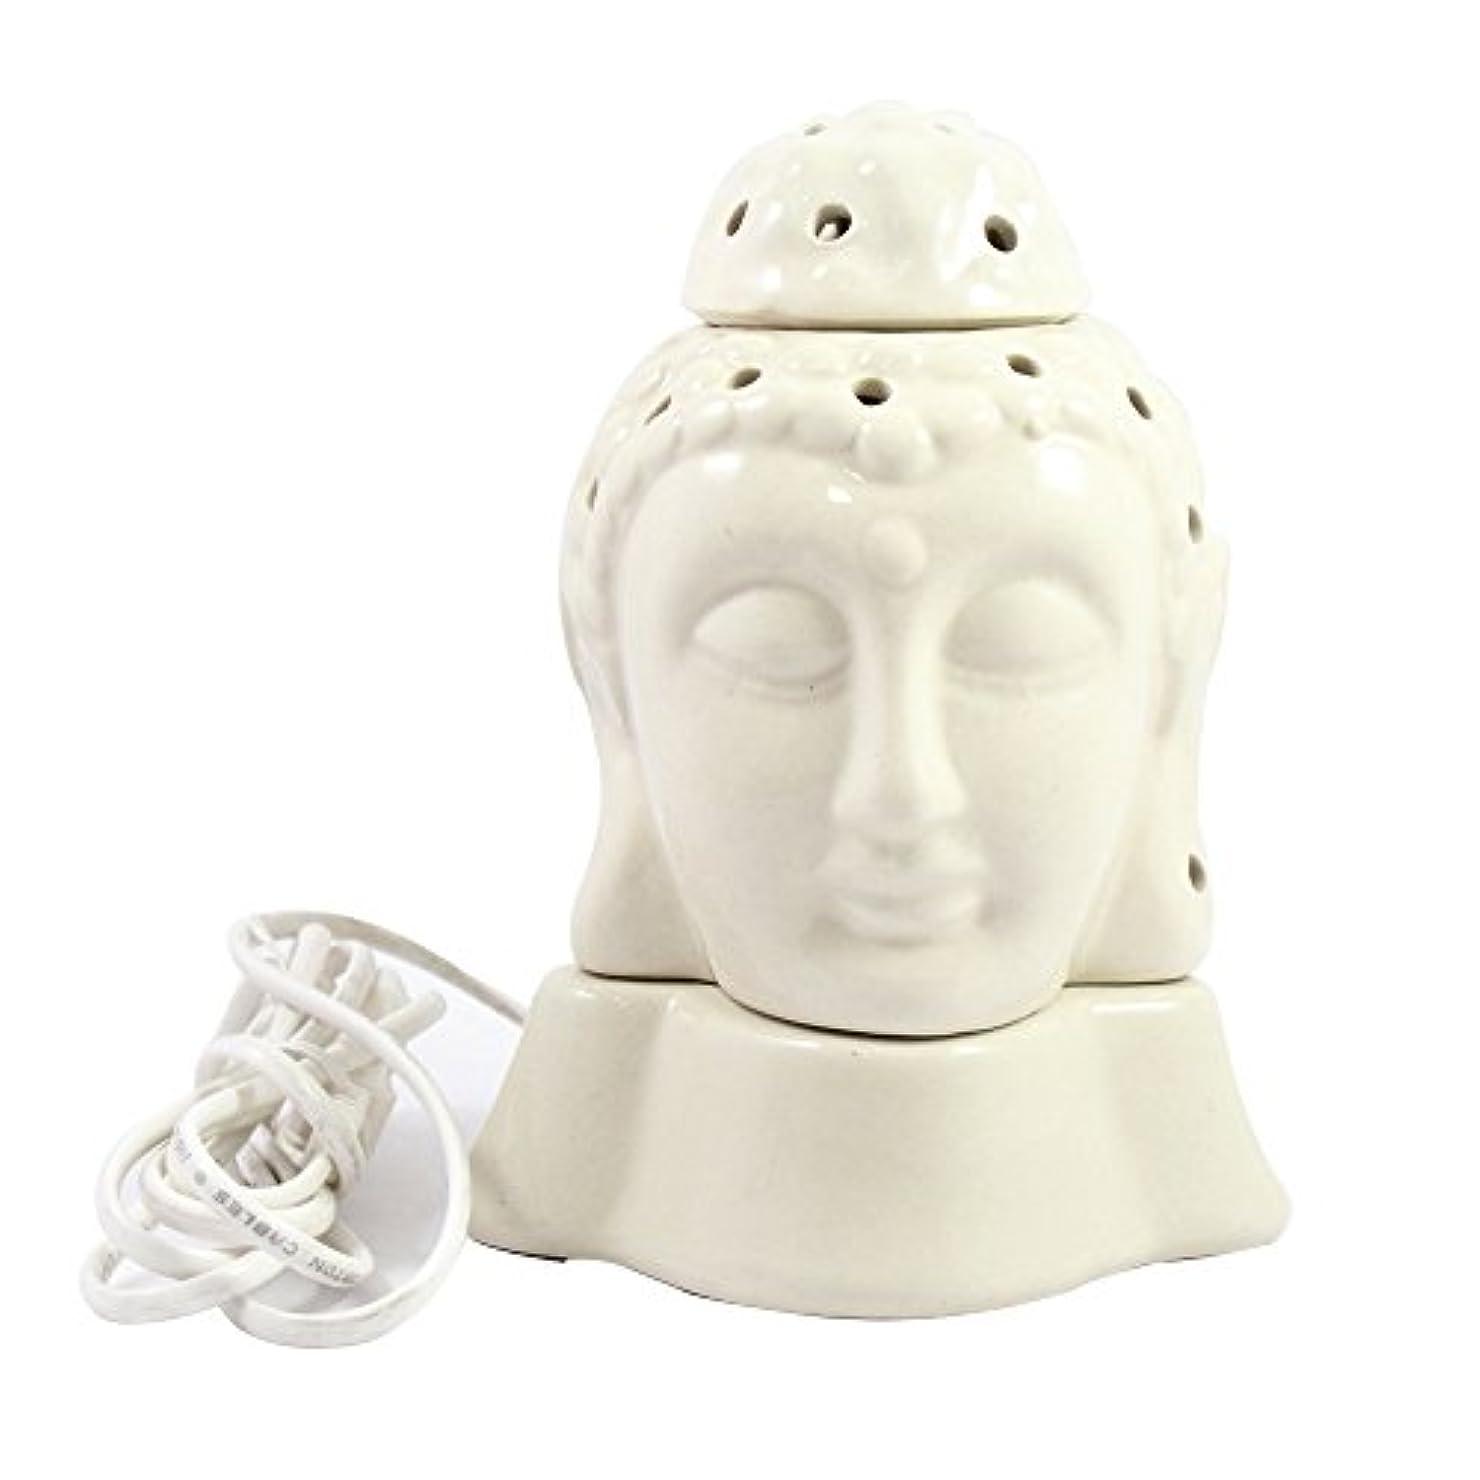 織る同時軽くGautama Buddha電気アロマオイルバーナー&ティーライトランプ/良質ホワイトカラー数量1 /汚染無料手作りセラミック主仏電気T - ライトランプ&香油ディフューザー